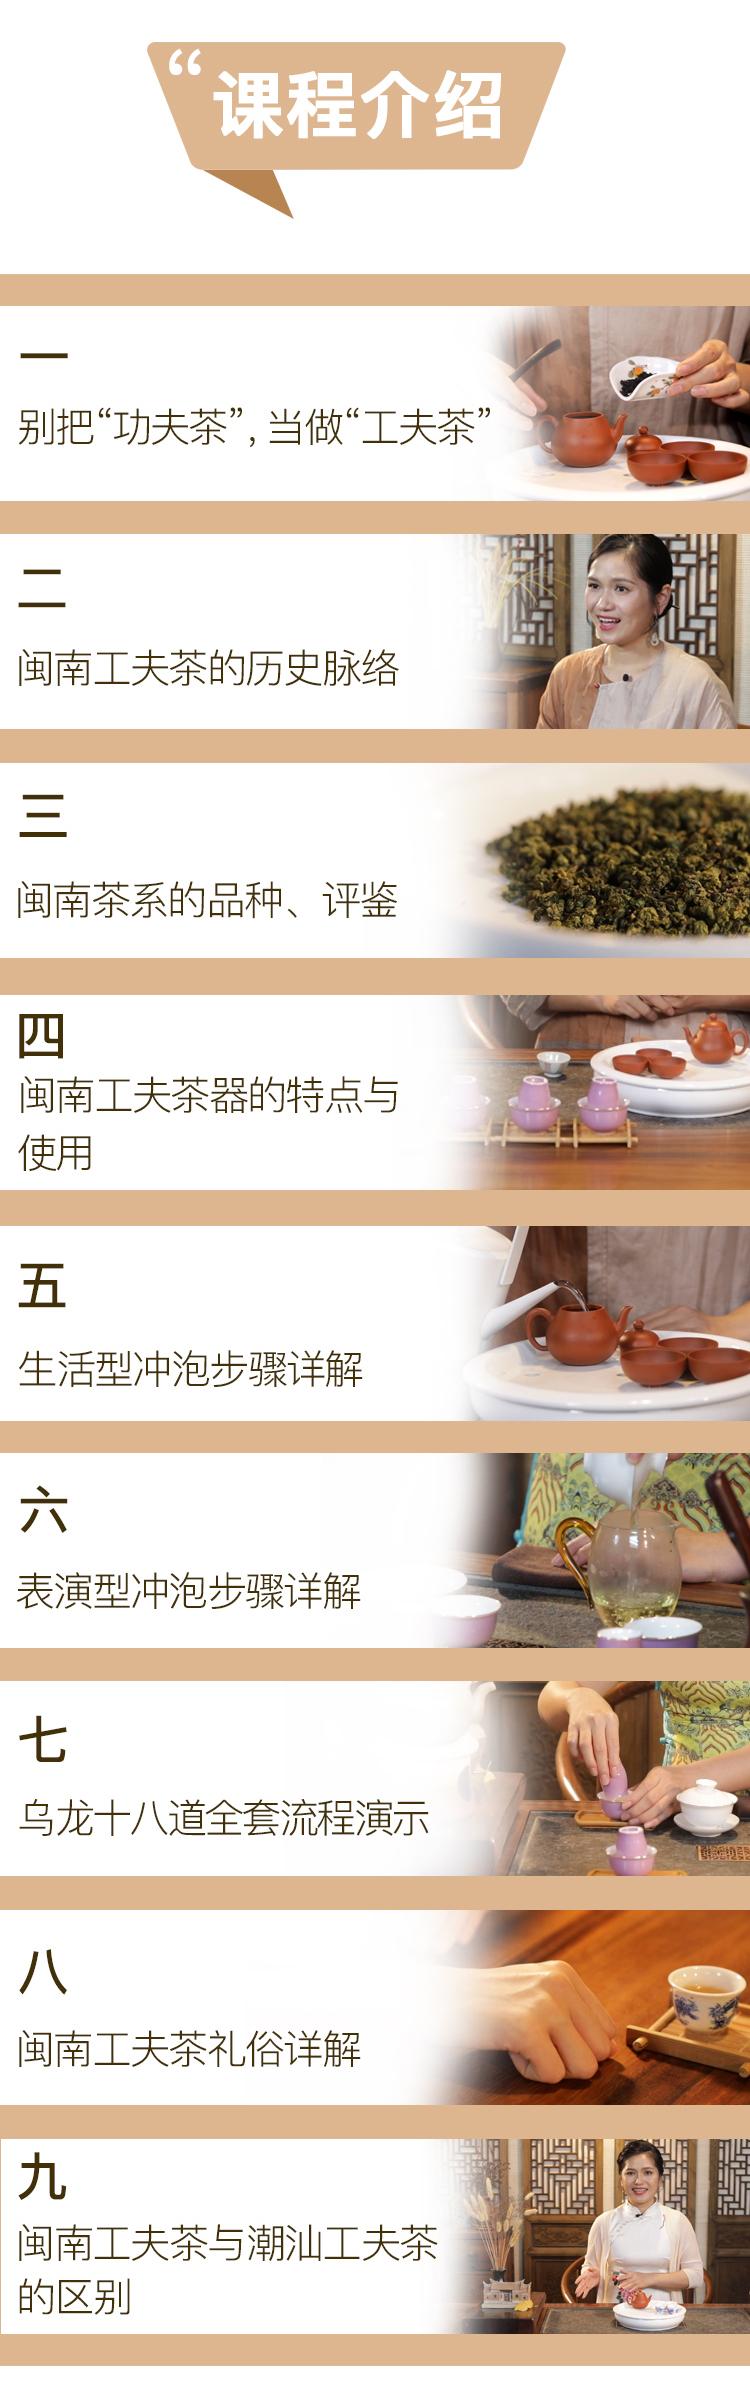 闽南功夫茶_05